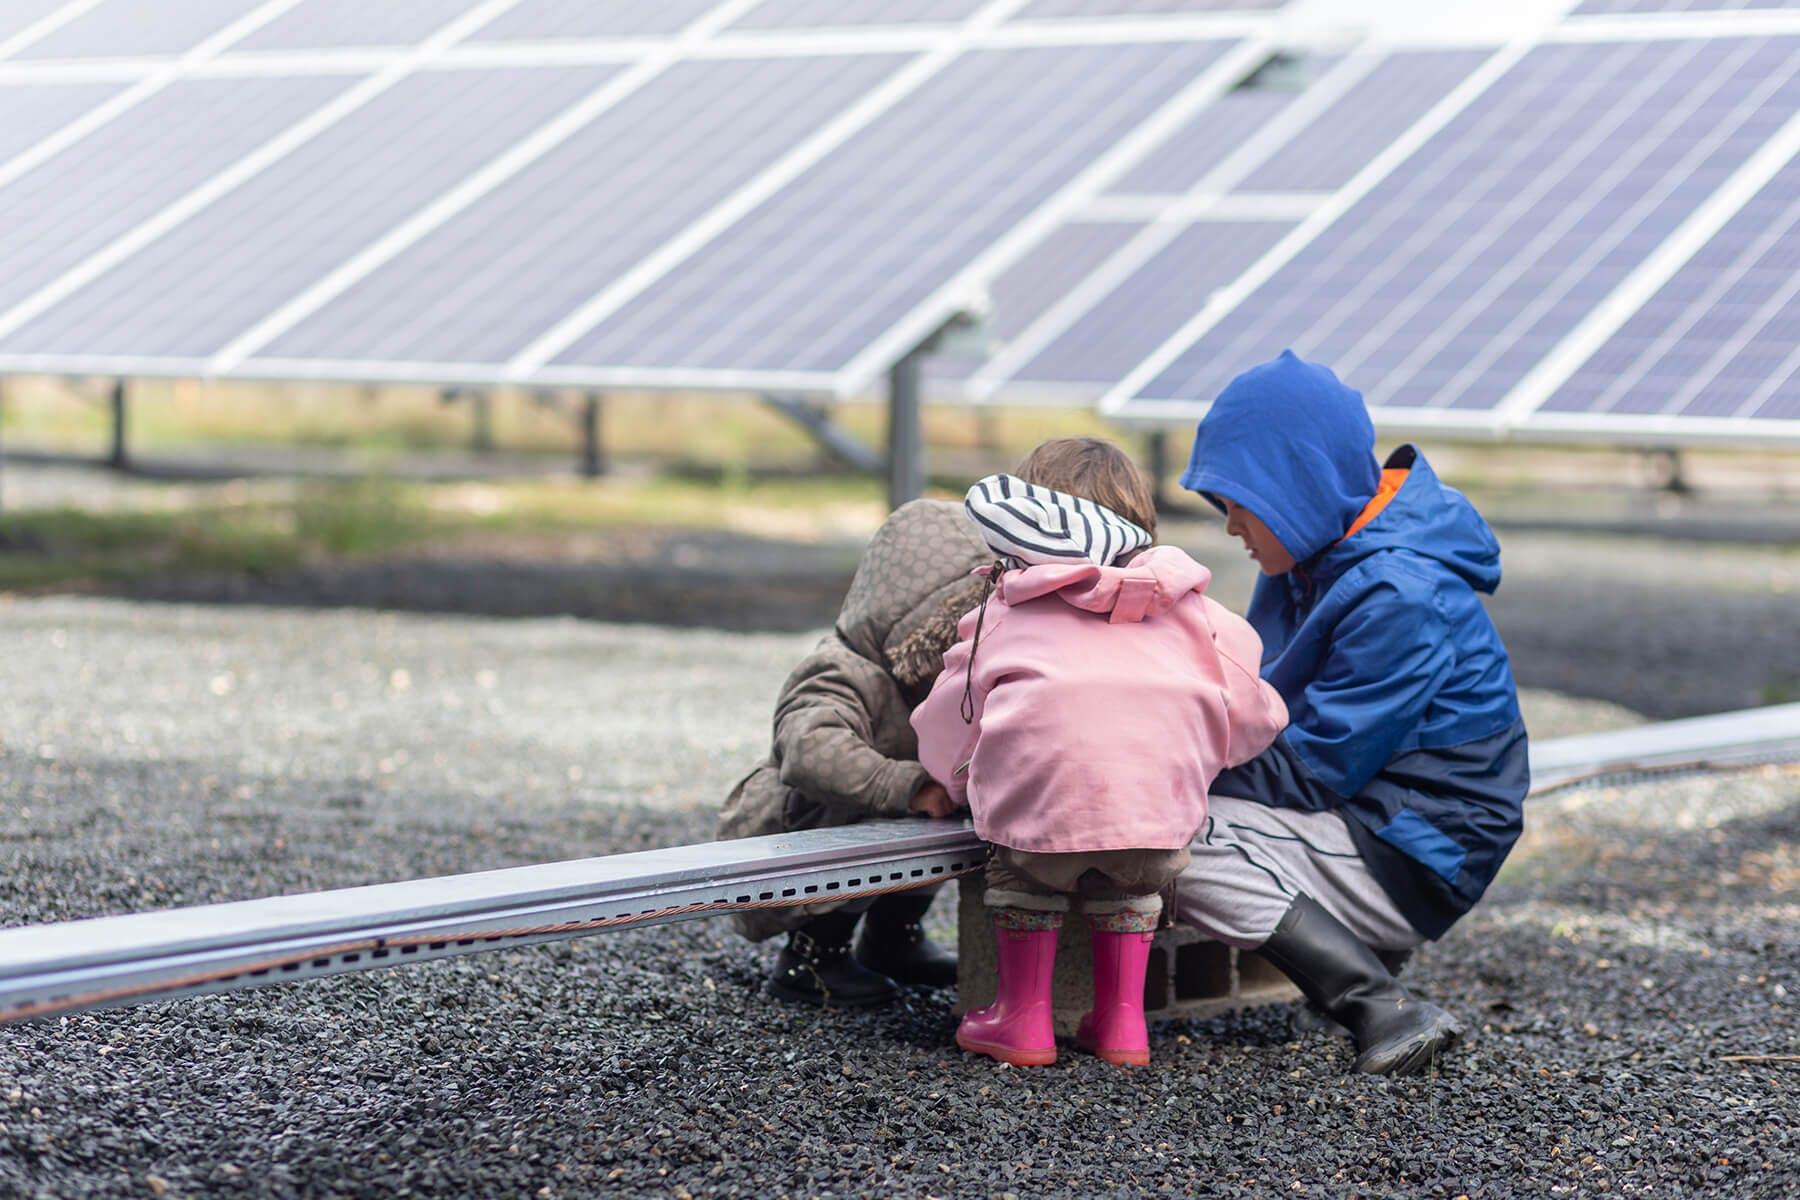 Enfants jouant près d'un parc solaire d'Enercoop Midi-Pyrénées - Credits Sergio Di